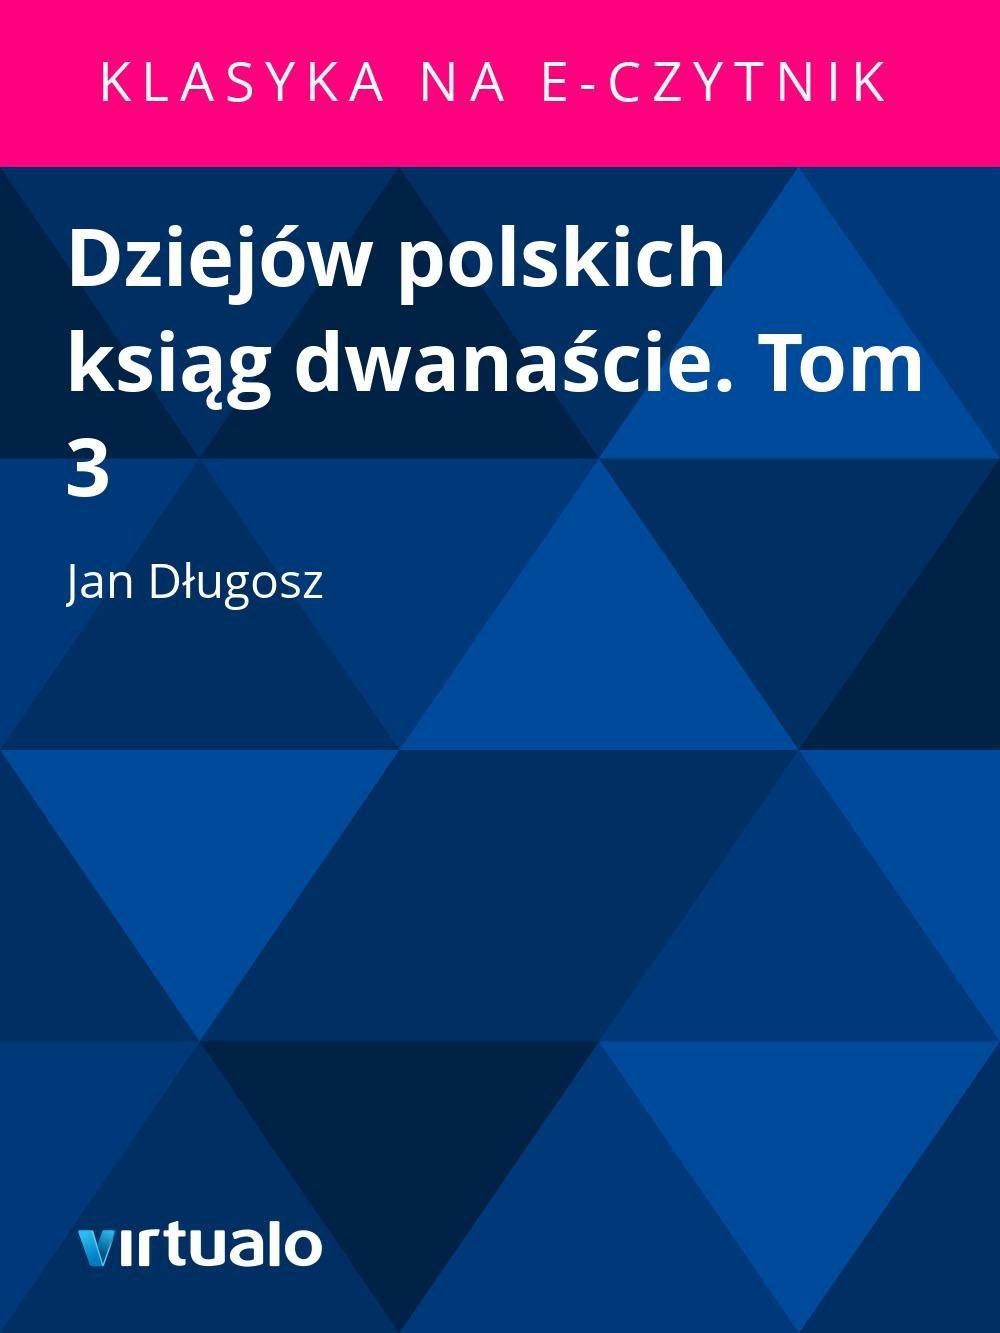 Dziejów polskich ksiąg dwanaście. Tom 3 - Ebook (Książka EPUB) do pobrania w formacie EPUB